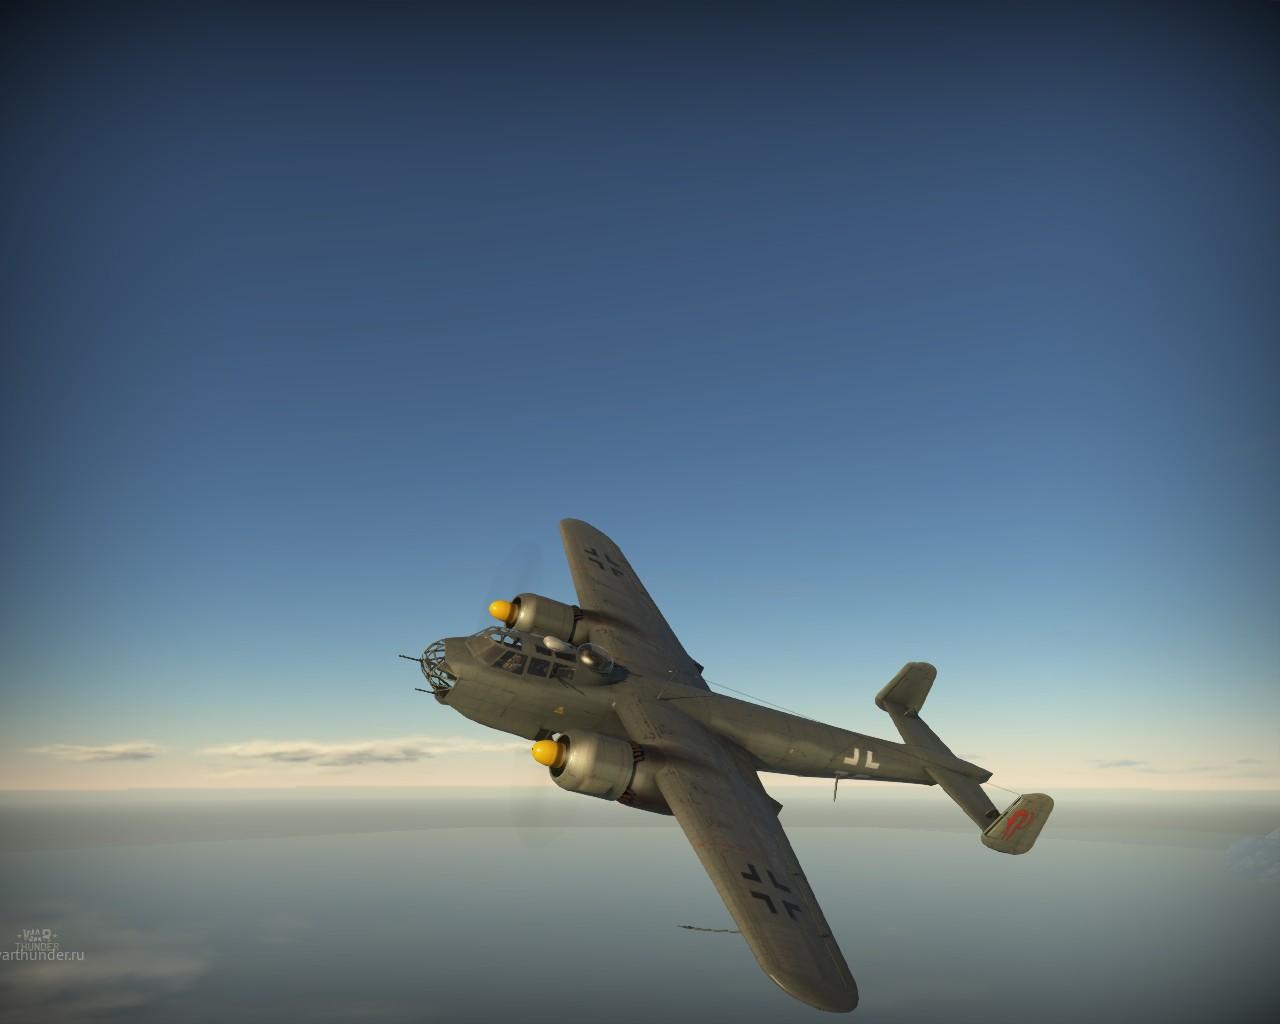 Обои b-25, North american, средний, двухмоторный, американский. Авиация foto 6